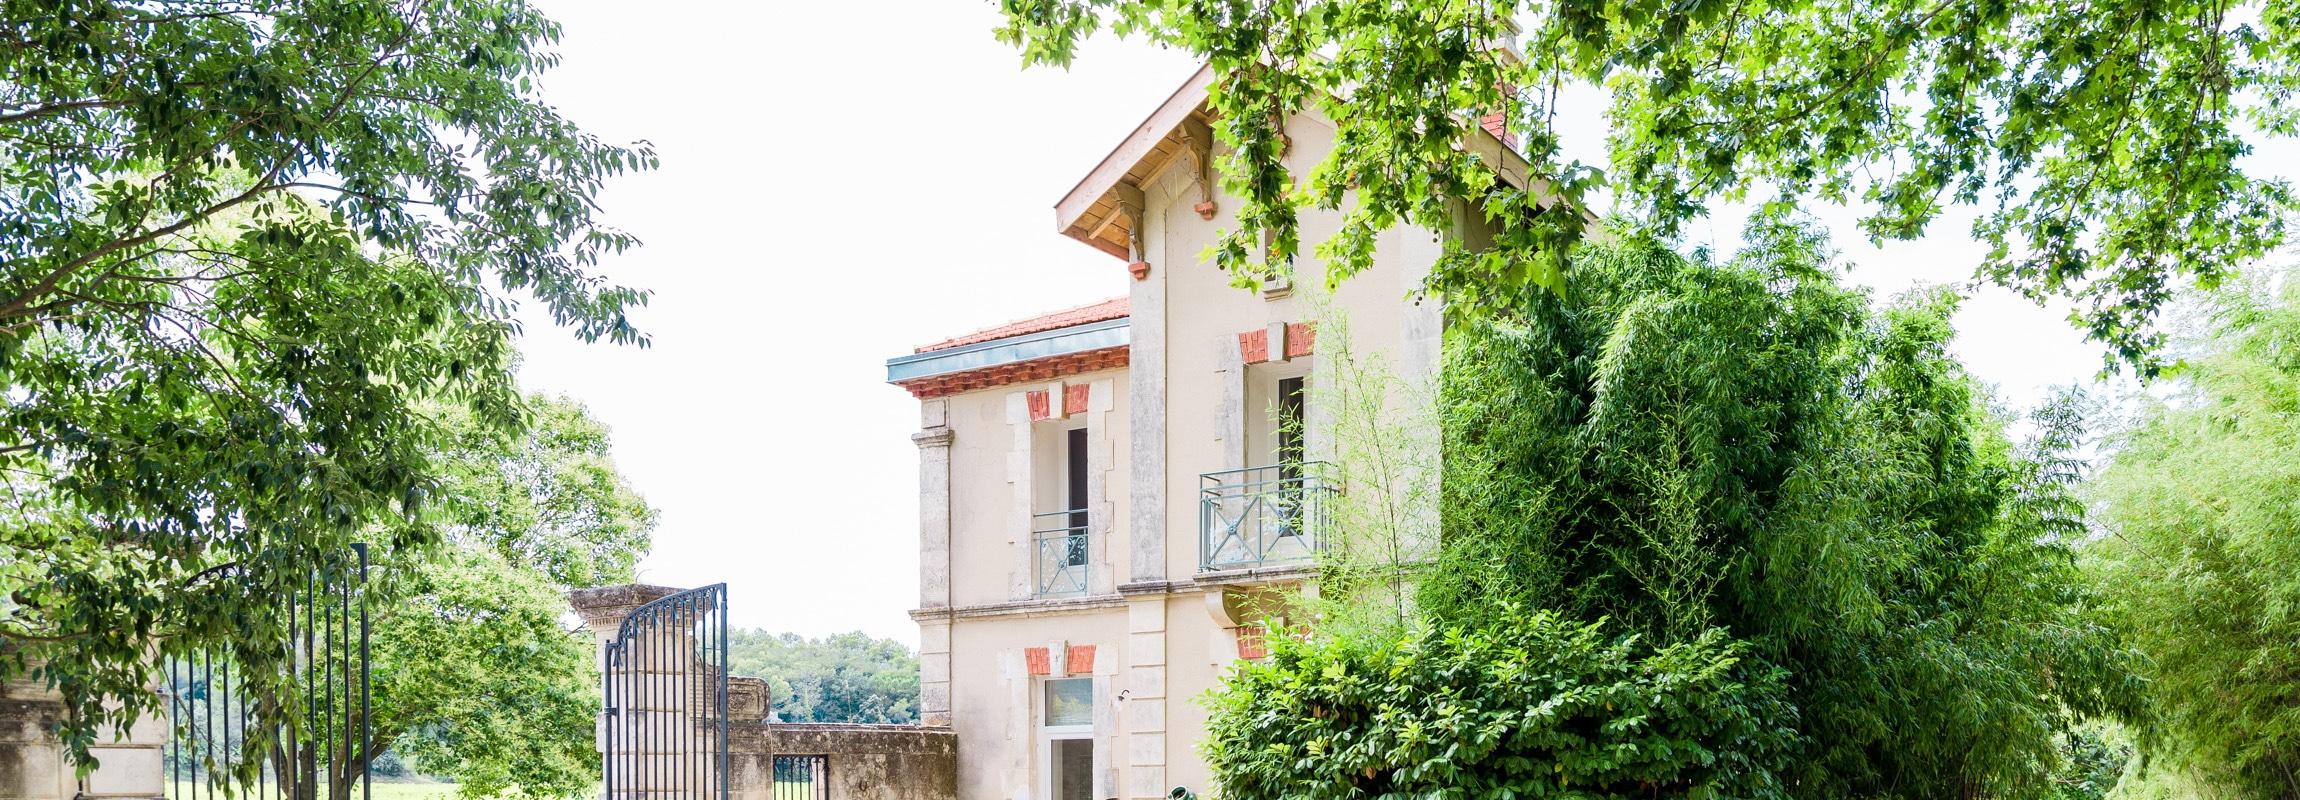 Das Ferienhaus La Maison im Château de Montcaud